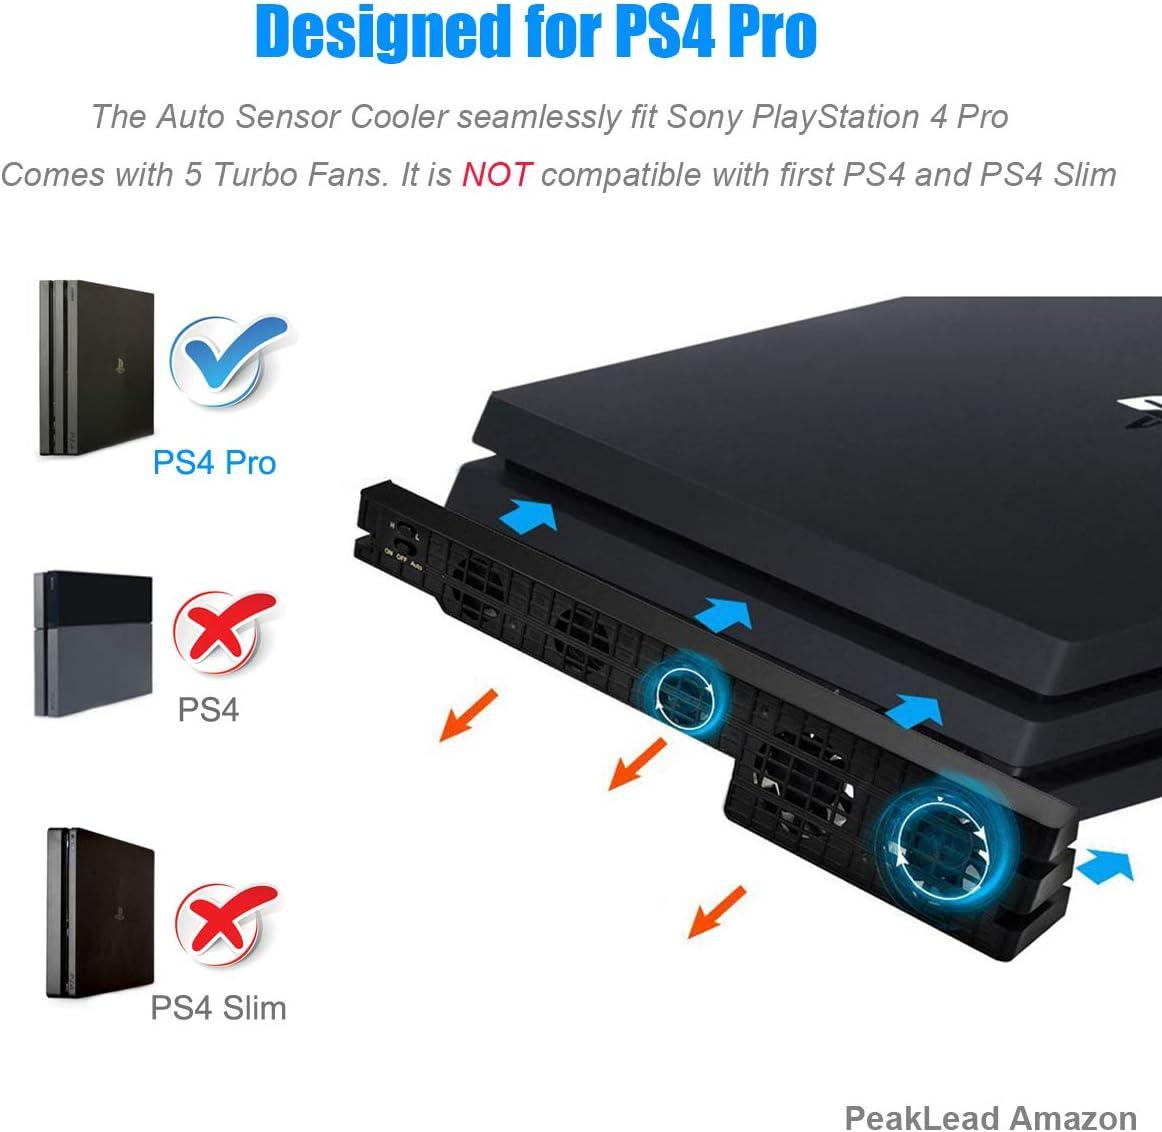 PS4 Pro Turbo refrigerador ventilador de refrigeración, Súper USB Cooling Fan Cooler con sensor de temperatura automático para PlayStation 4 Pro: Amazon.es: Electrónica